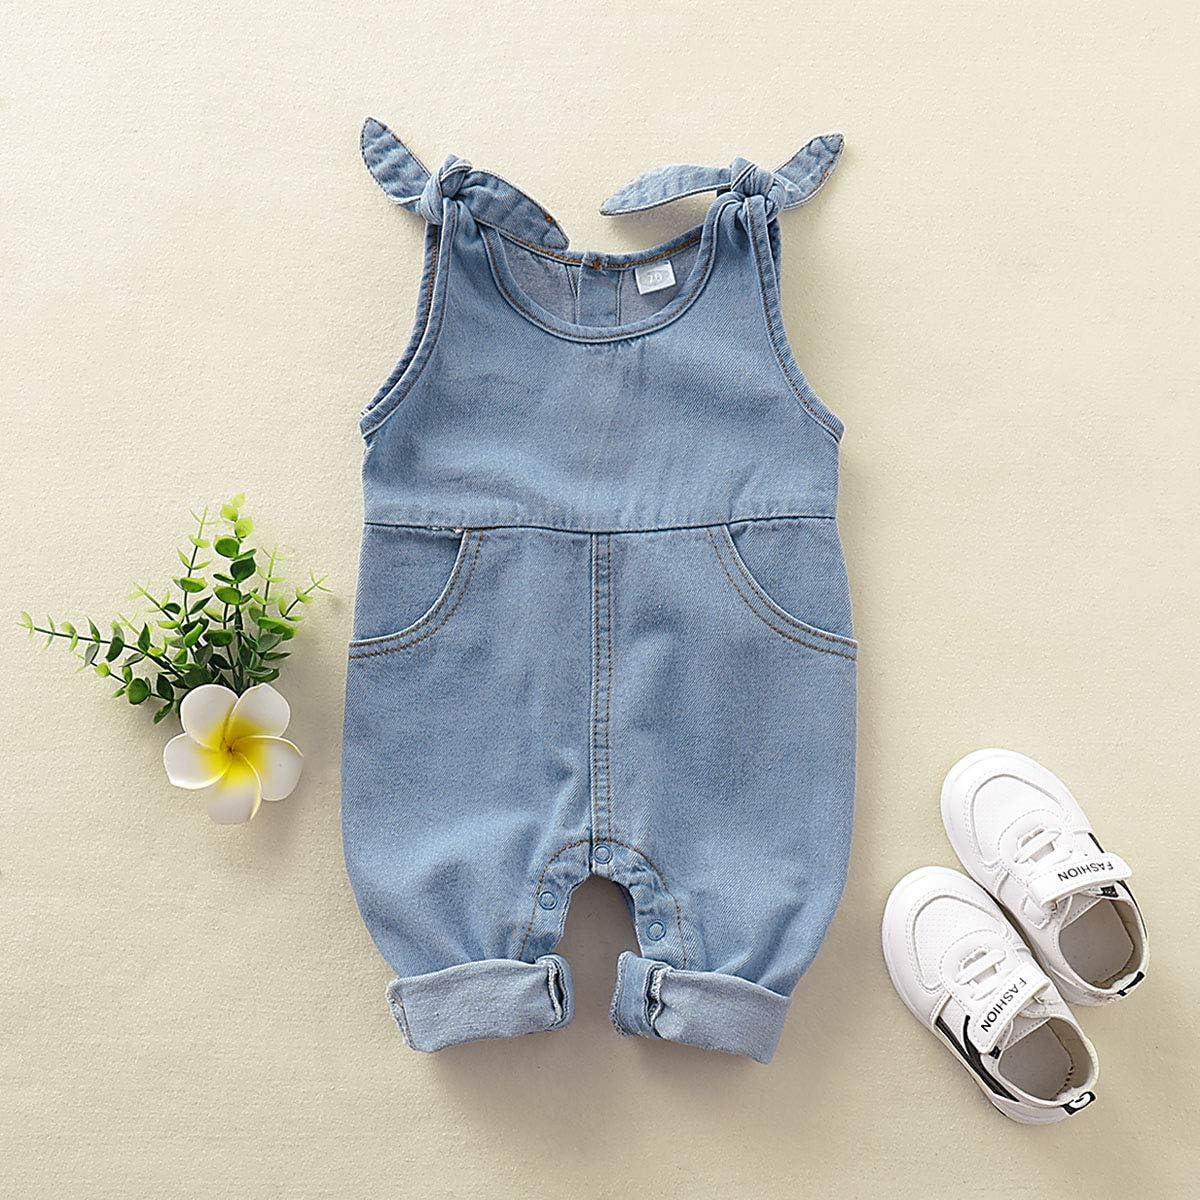 T TALENTBABY Neugeborener Jeansoverall Baby M/ädchen Hosentr/äger Jeans Hose Latzhose Strampler Overalls Jeanshose Onesie Denim Latz Overalls Overall